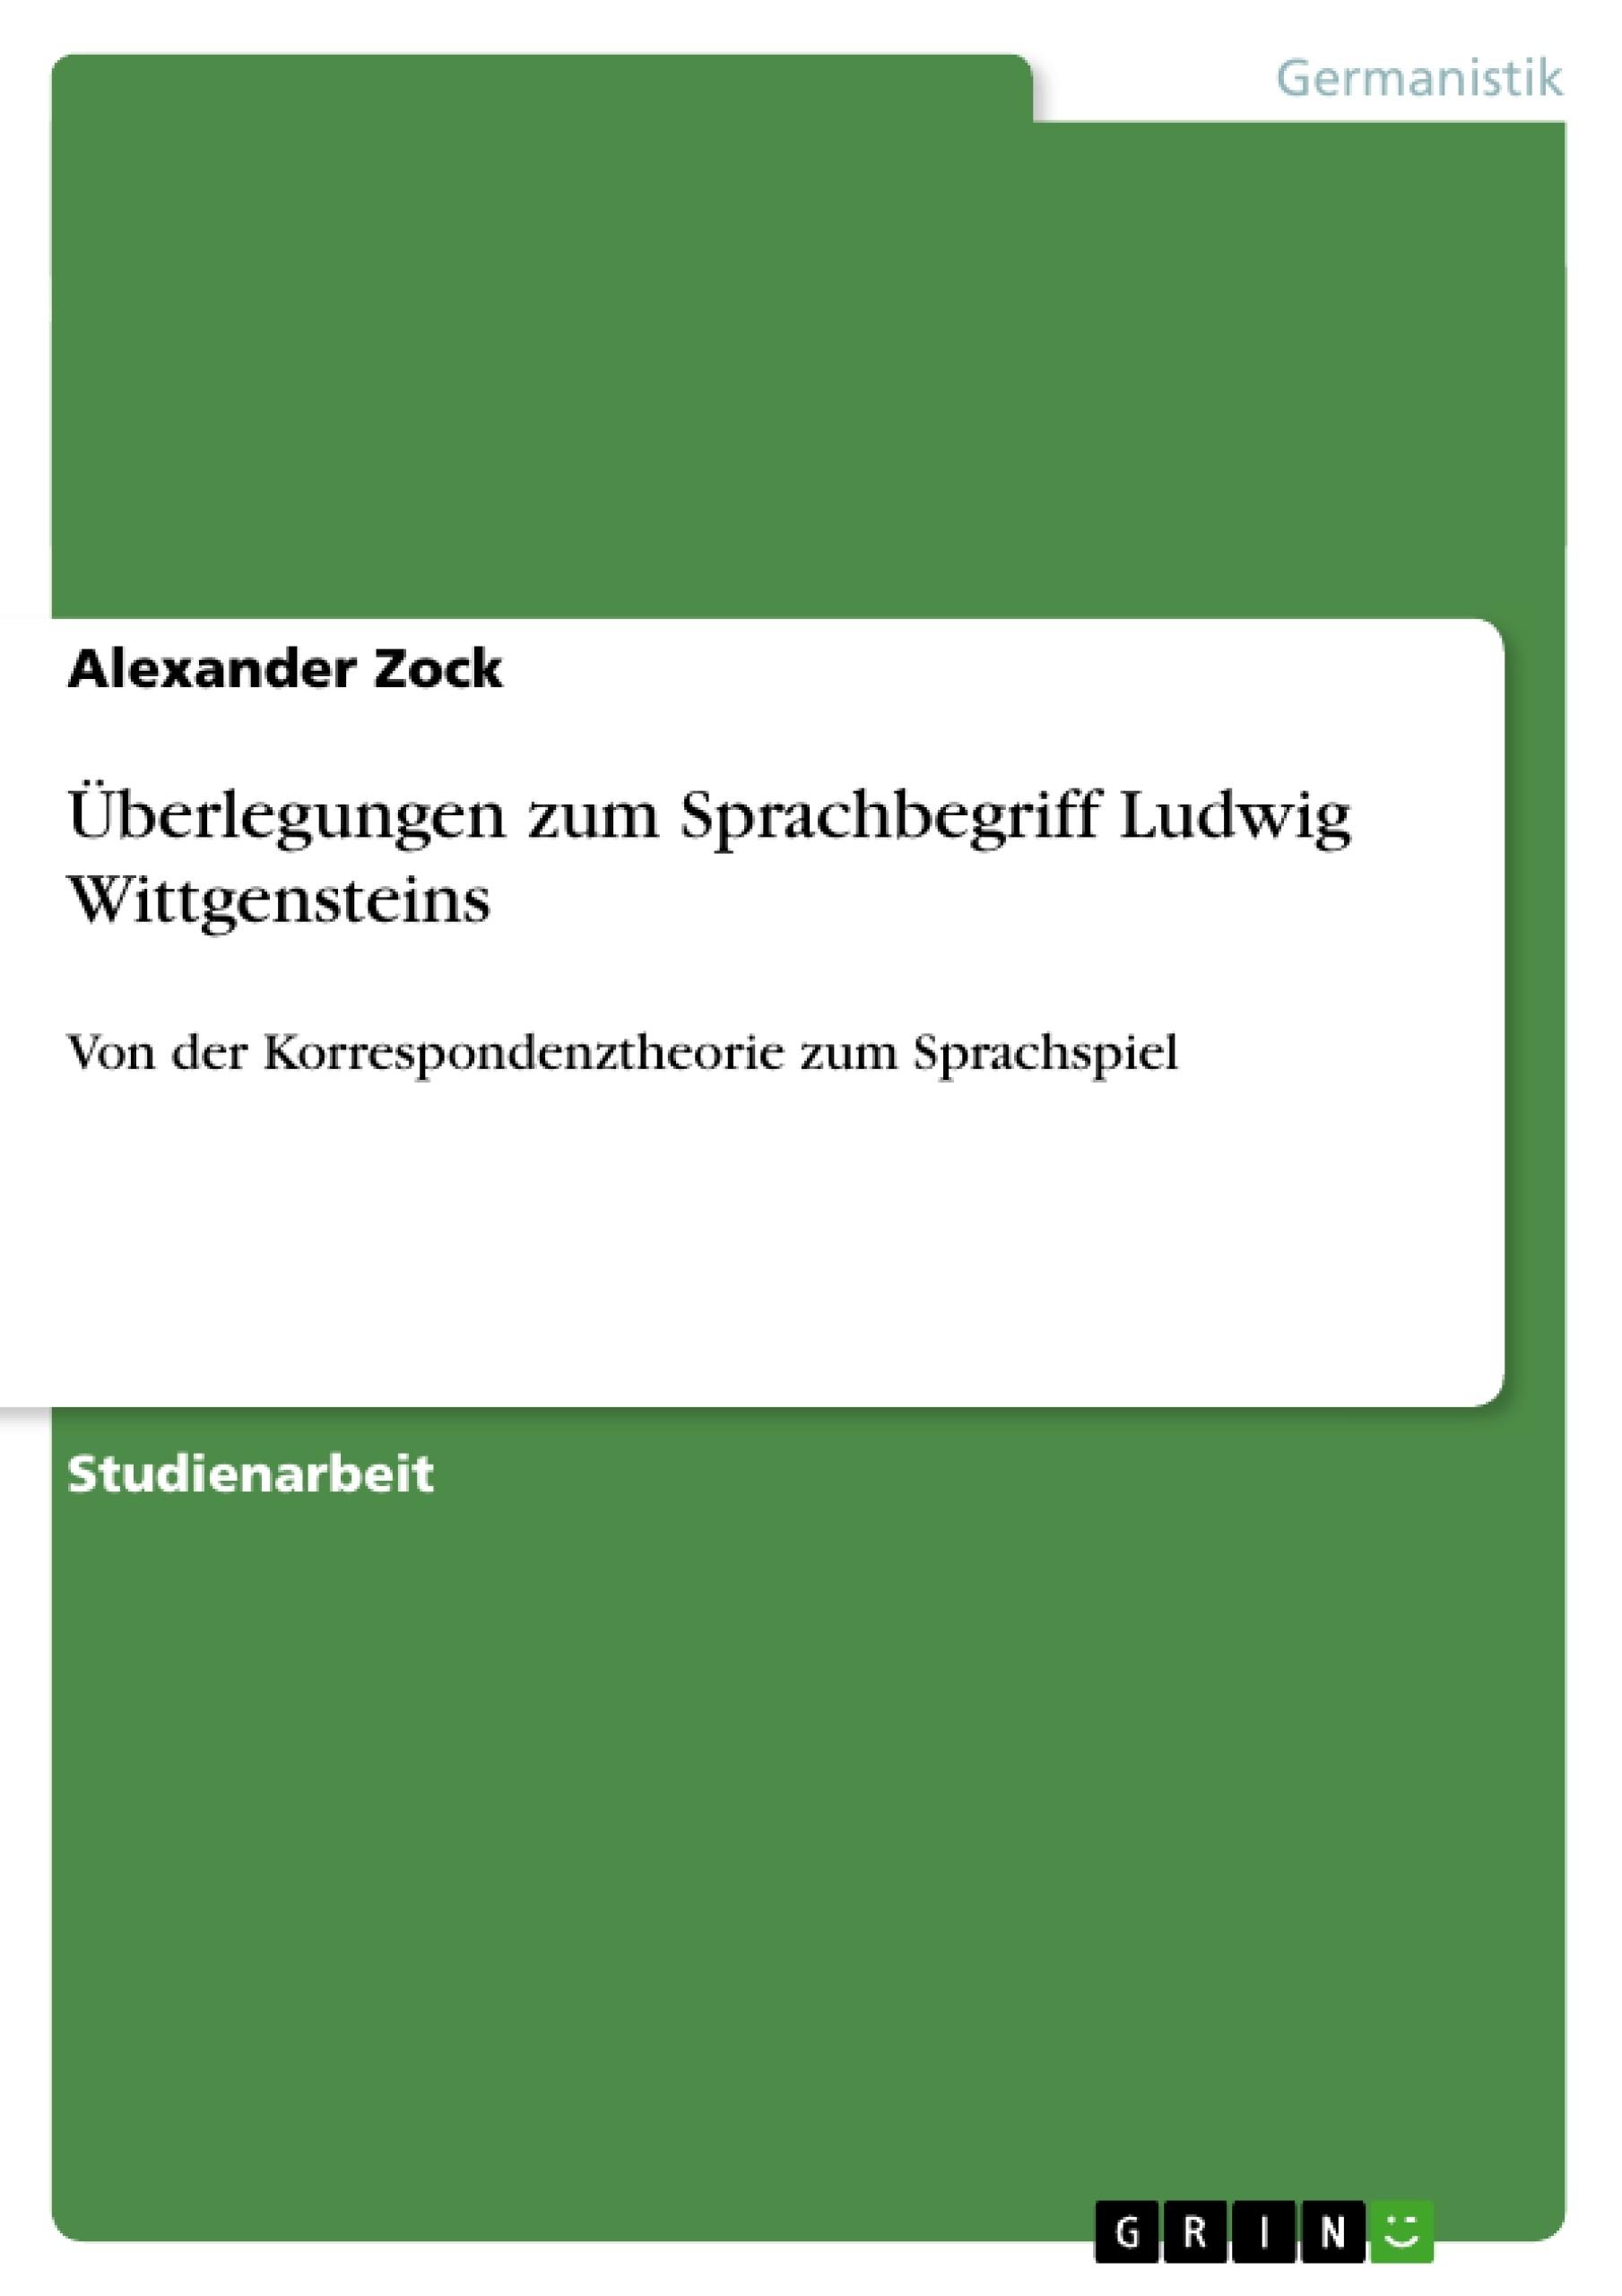 Titel: Überlegungen zum Sprachbegriff Ludwig Wittgensteins